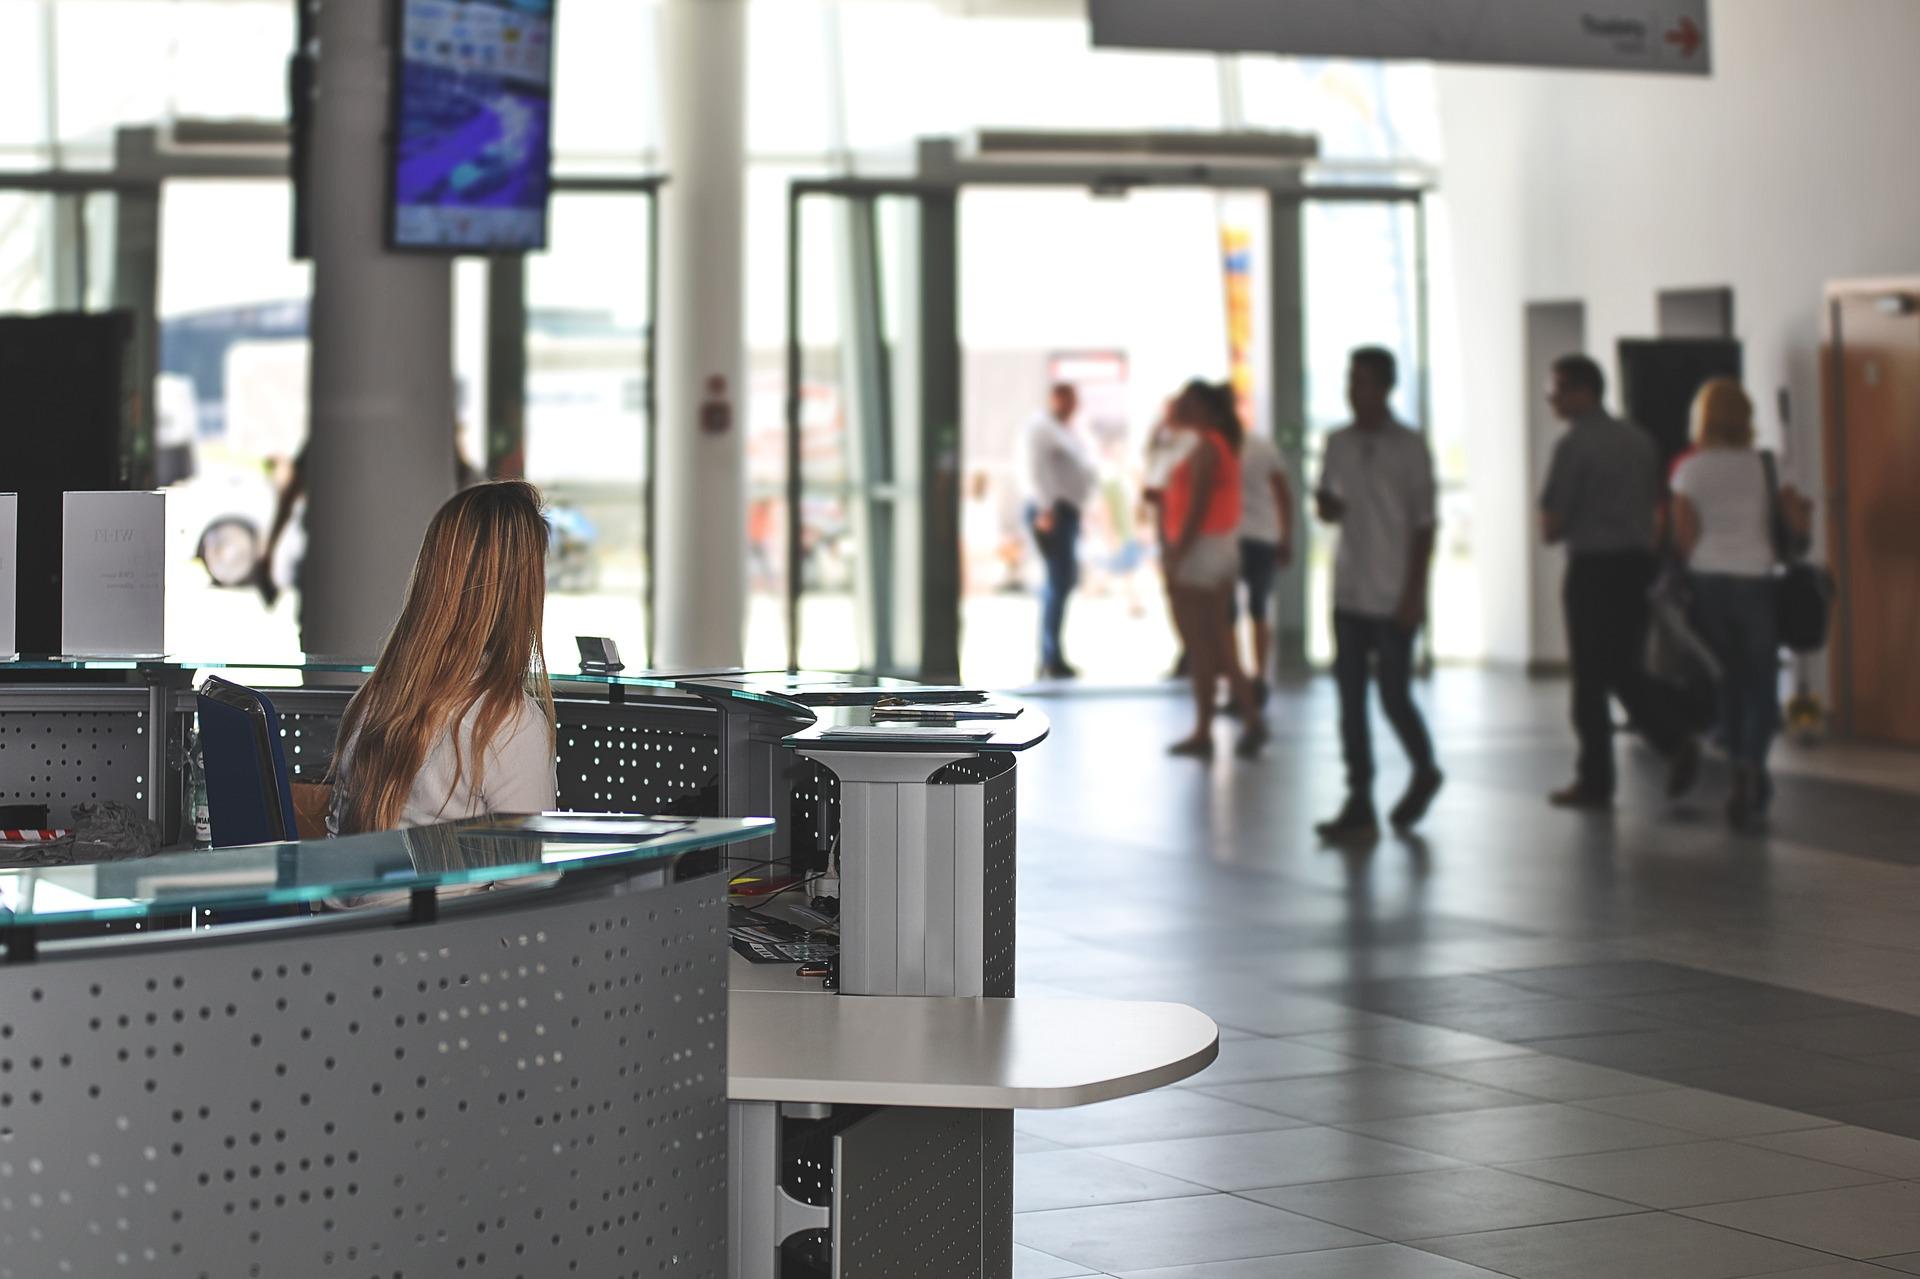 Aus dem Terminal raus und direkt deinen Begleiter in das Hotel finden im Orangen Tshirt mit dem Transfer Schild